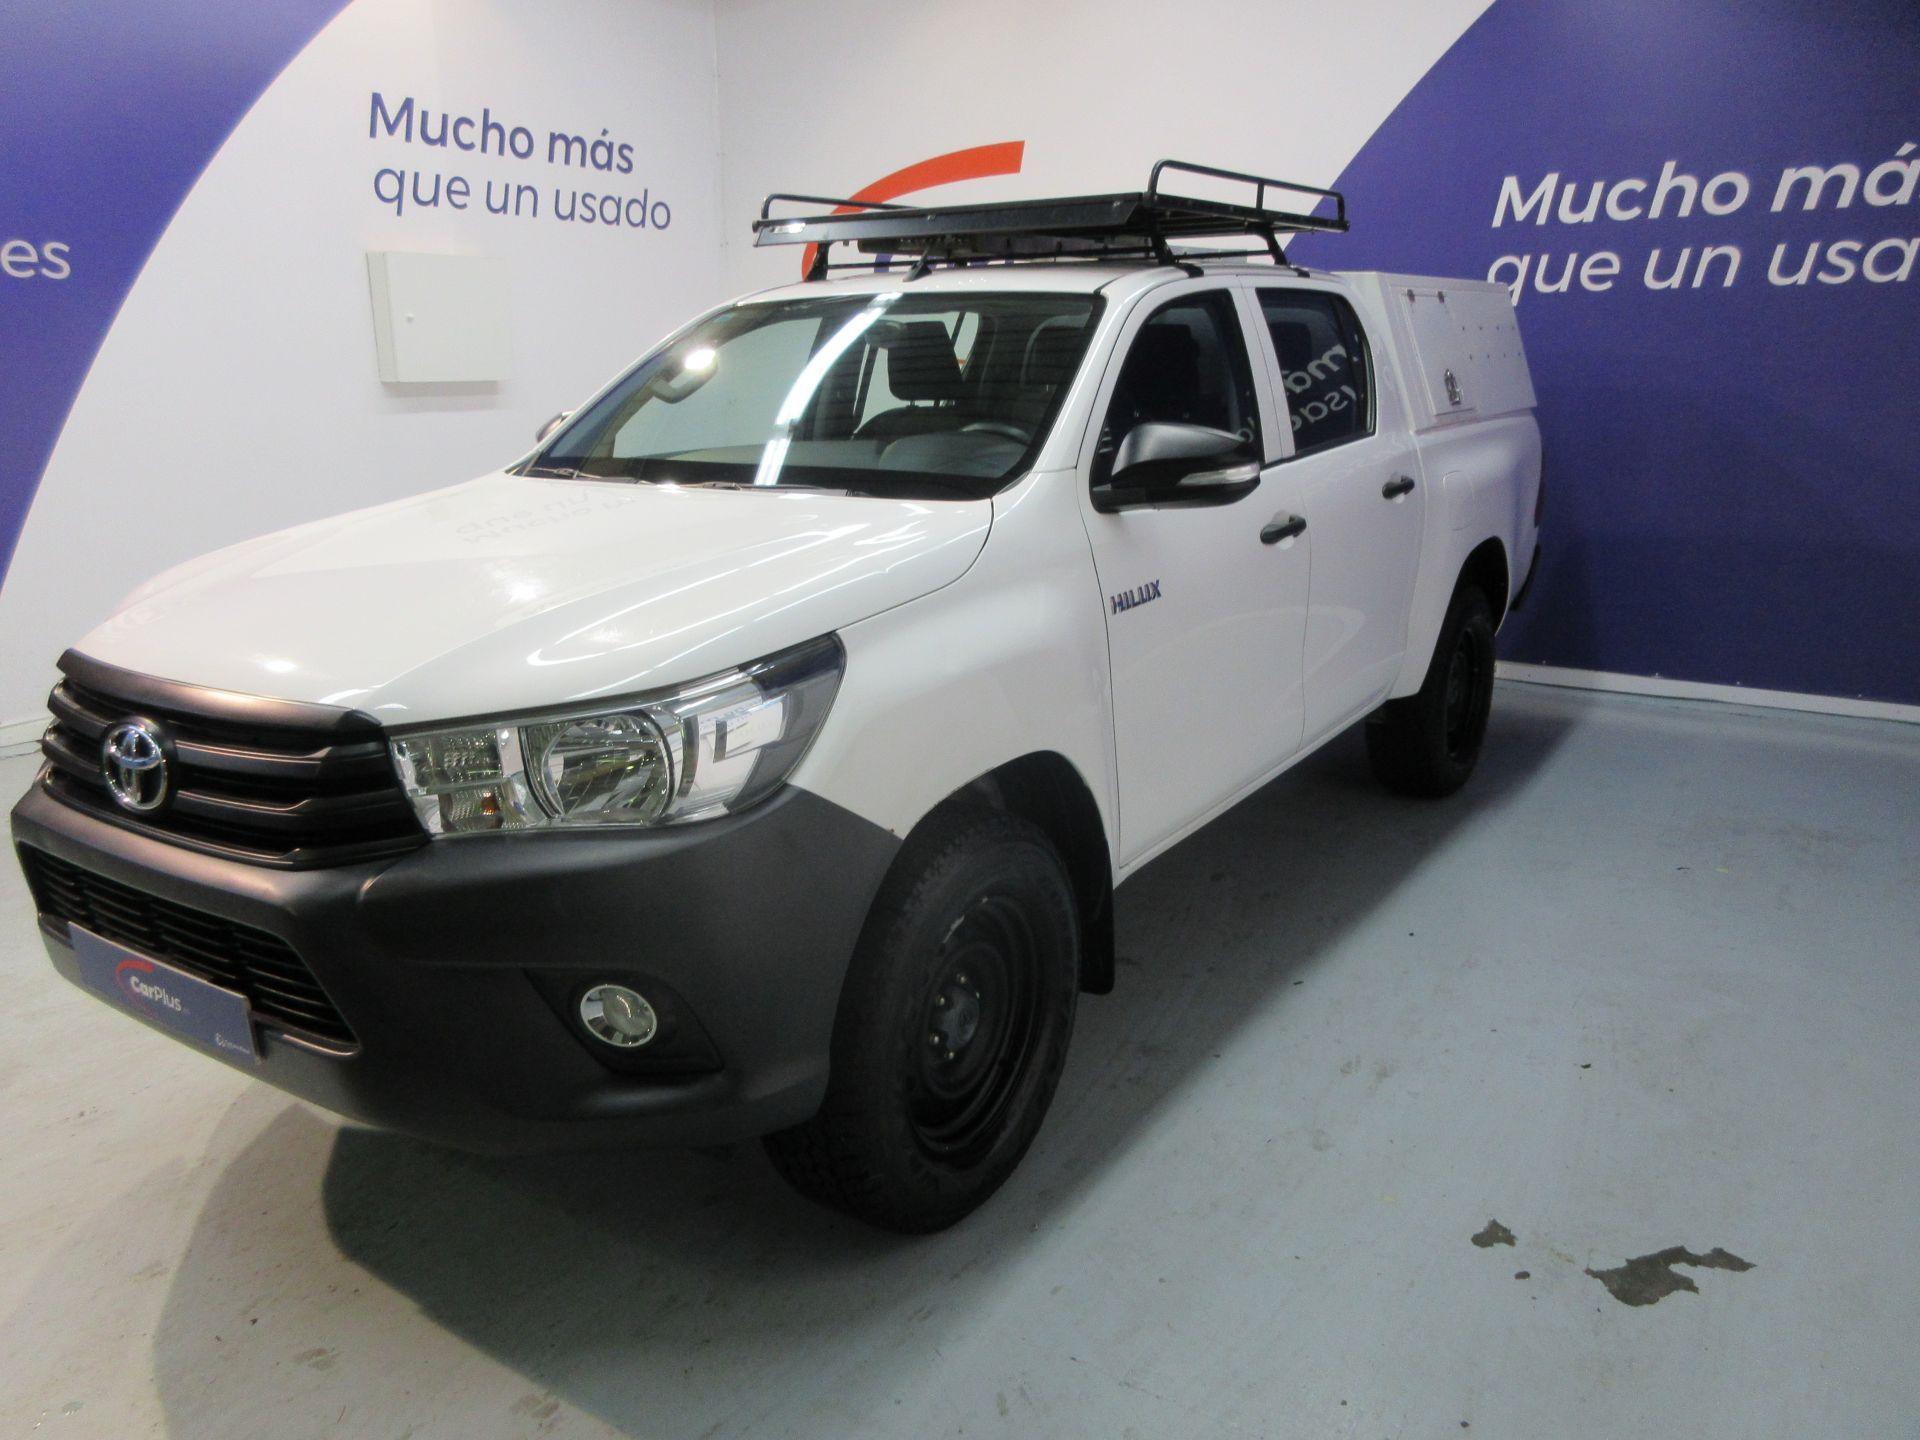 Toyota Hilux ocasión segunda mano 2016 Diésel por 24.990€ en Madrid